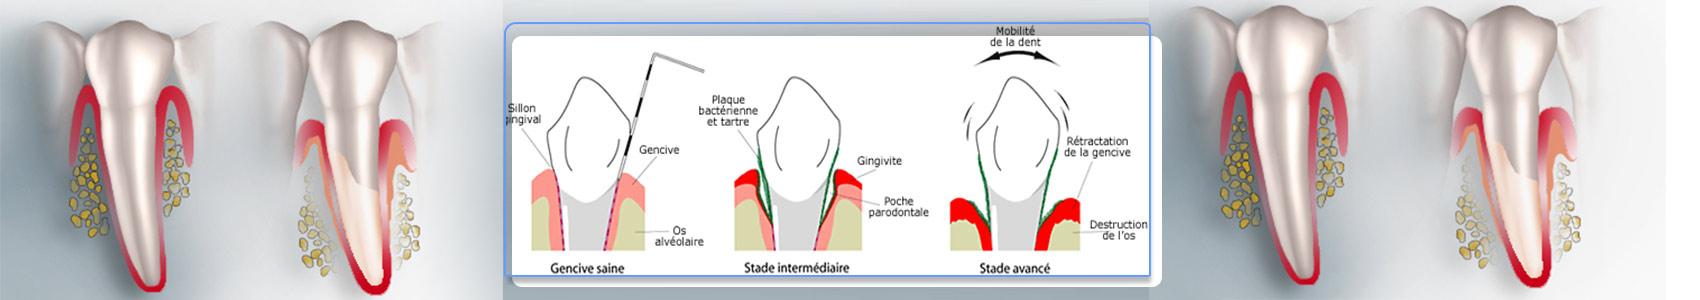 Parodontie- Polyclinique dentaire Européenne Tours- Spécialités dentaires à Tours